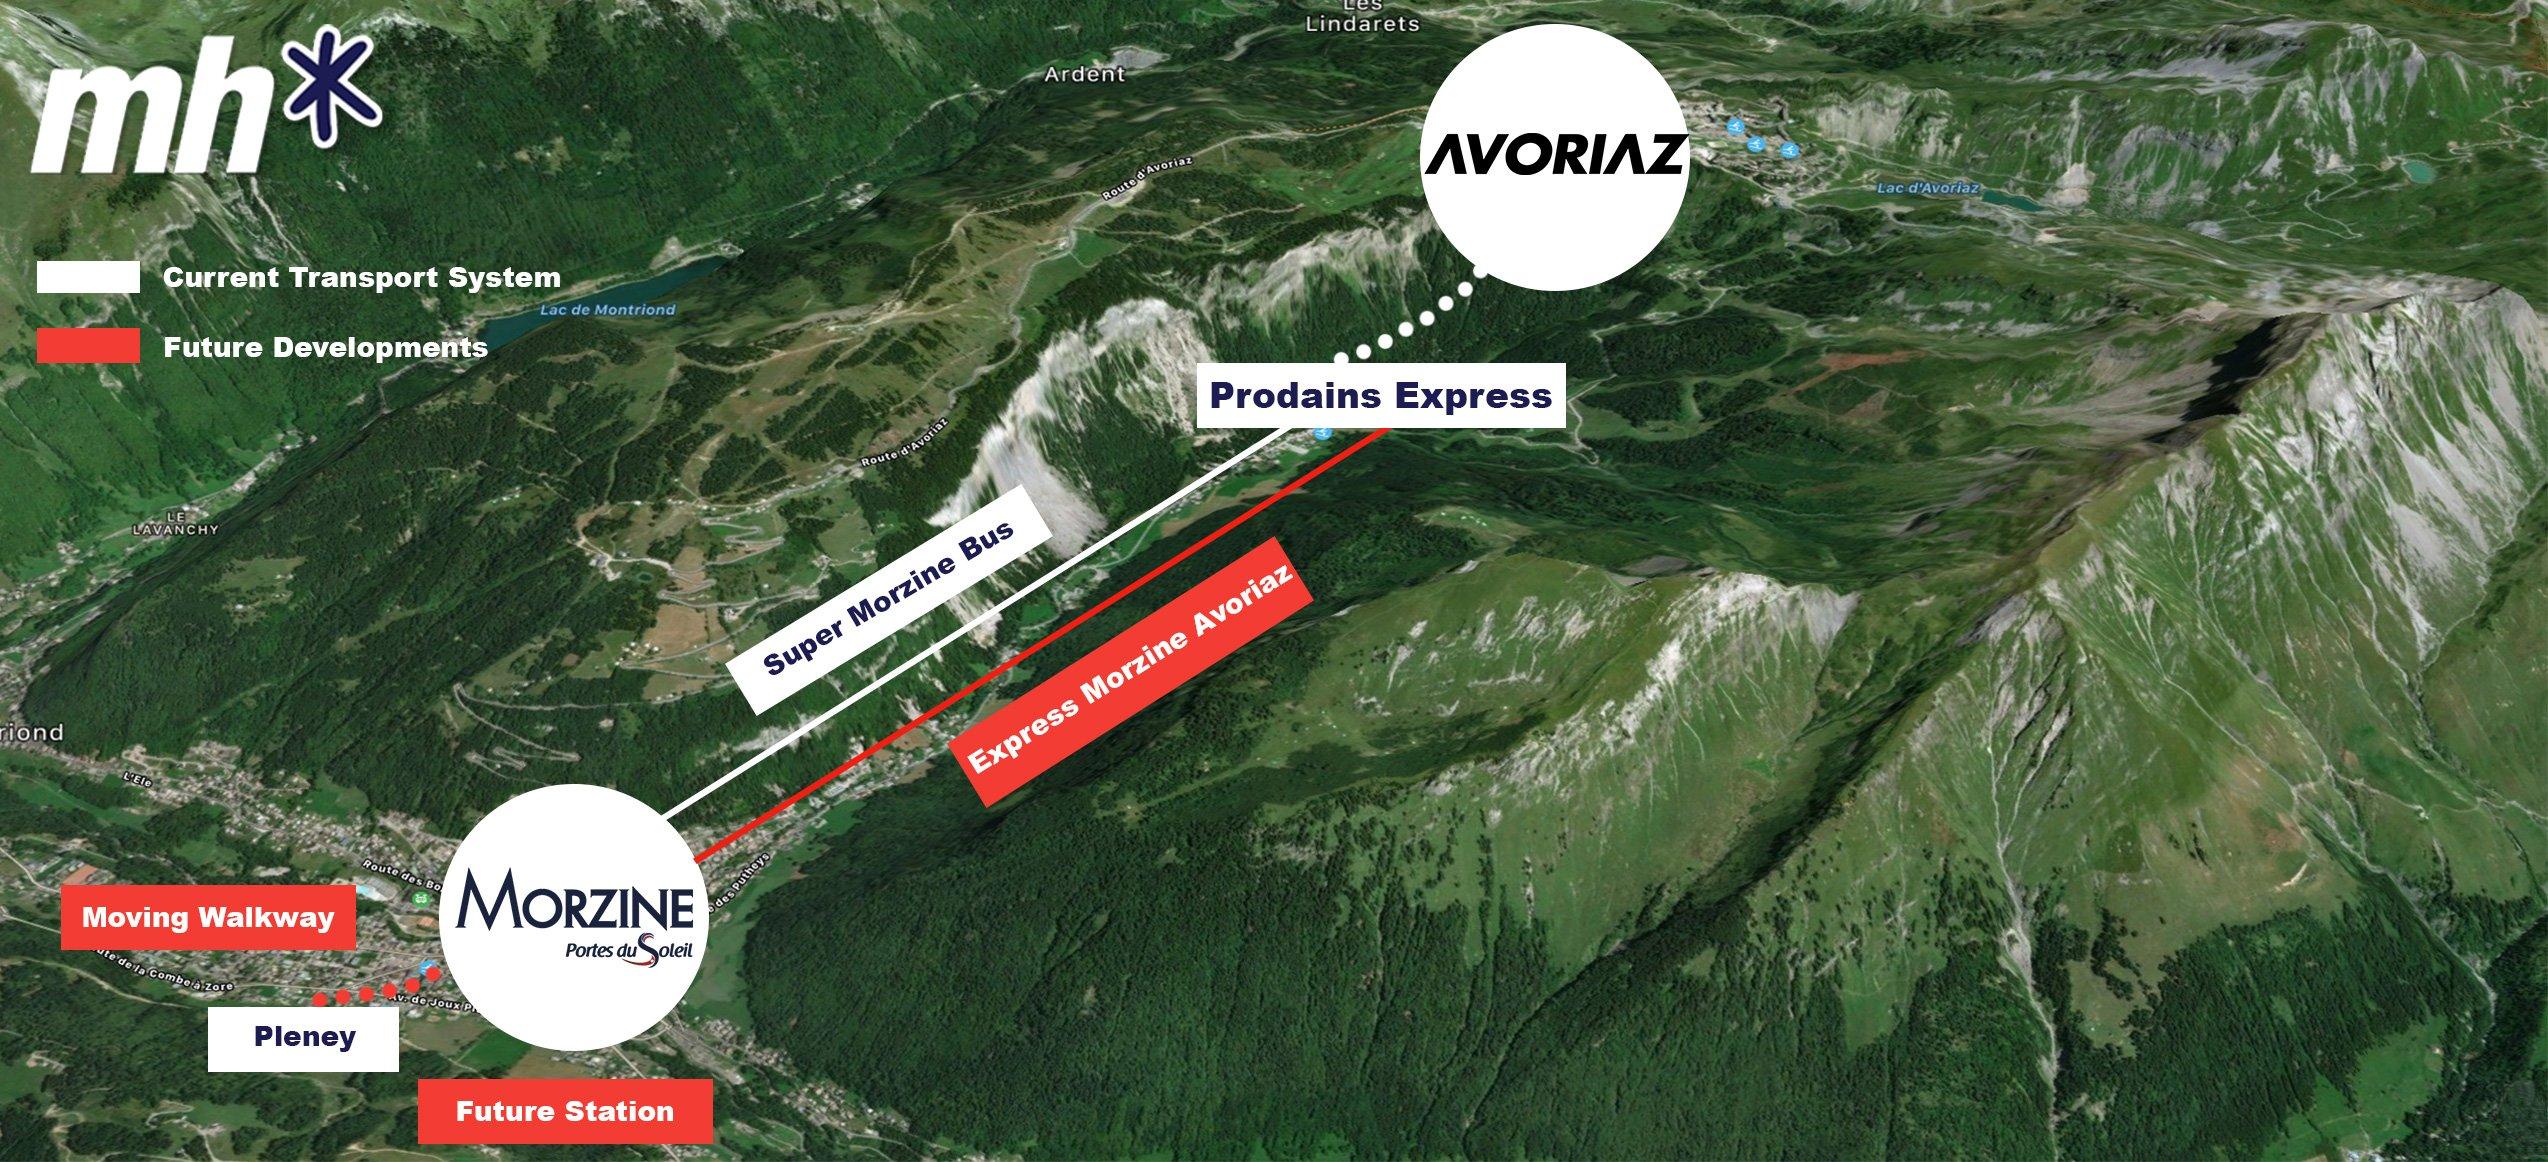 Morzine Avoriaz 2020 Developments | Mountain Heaven Blog